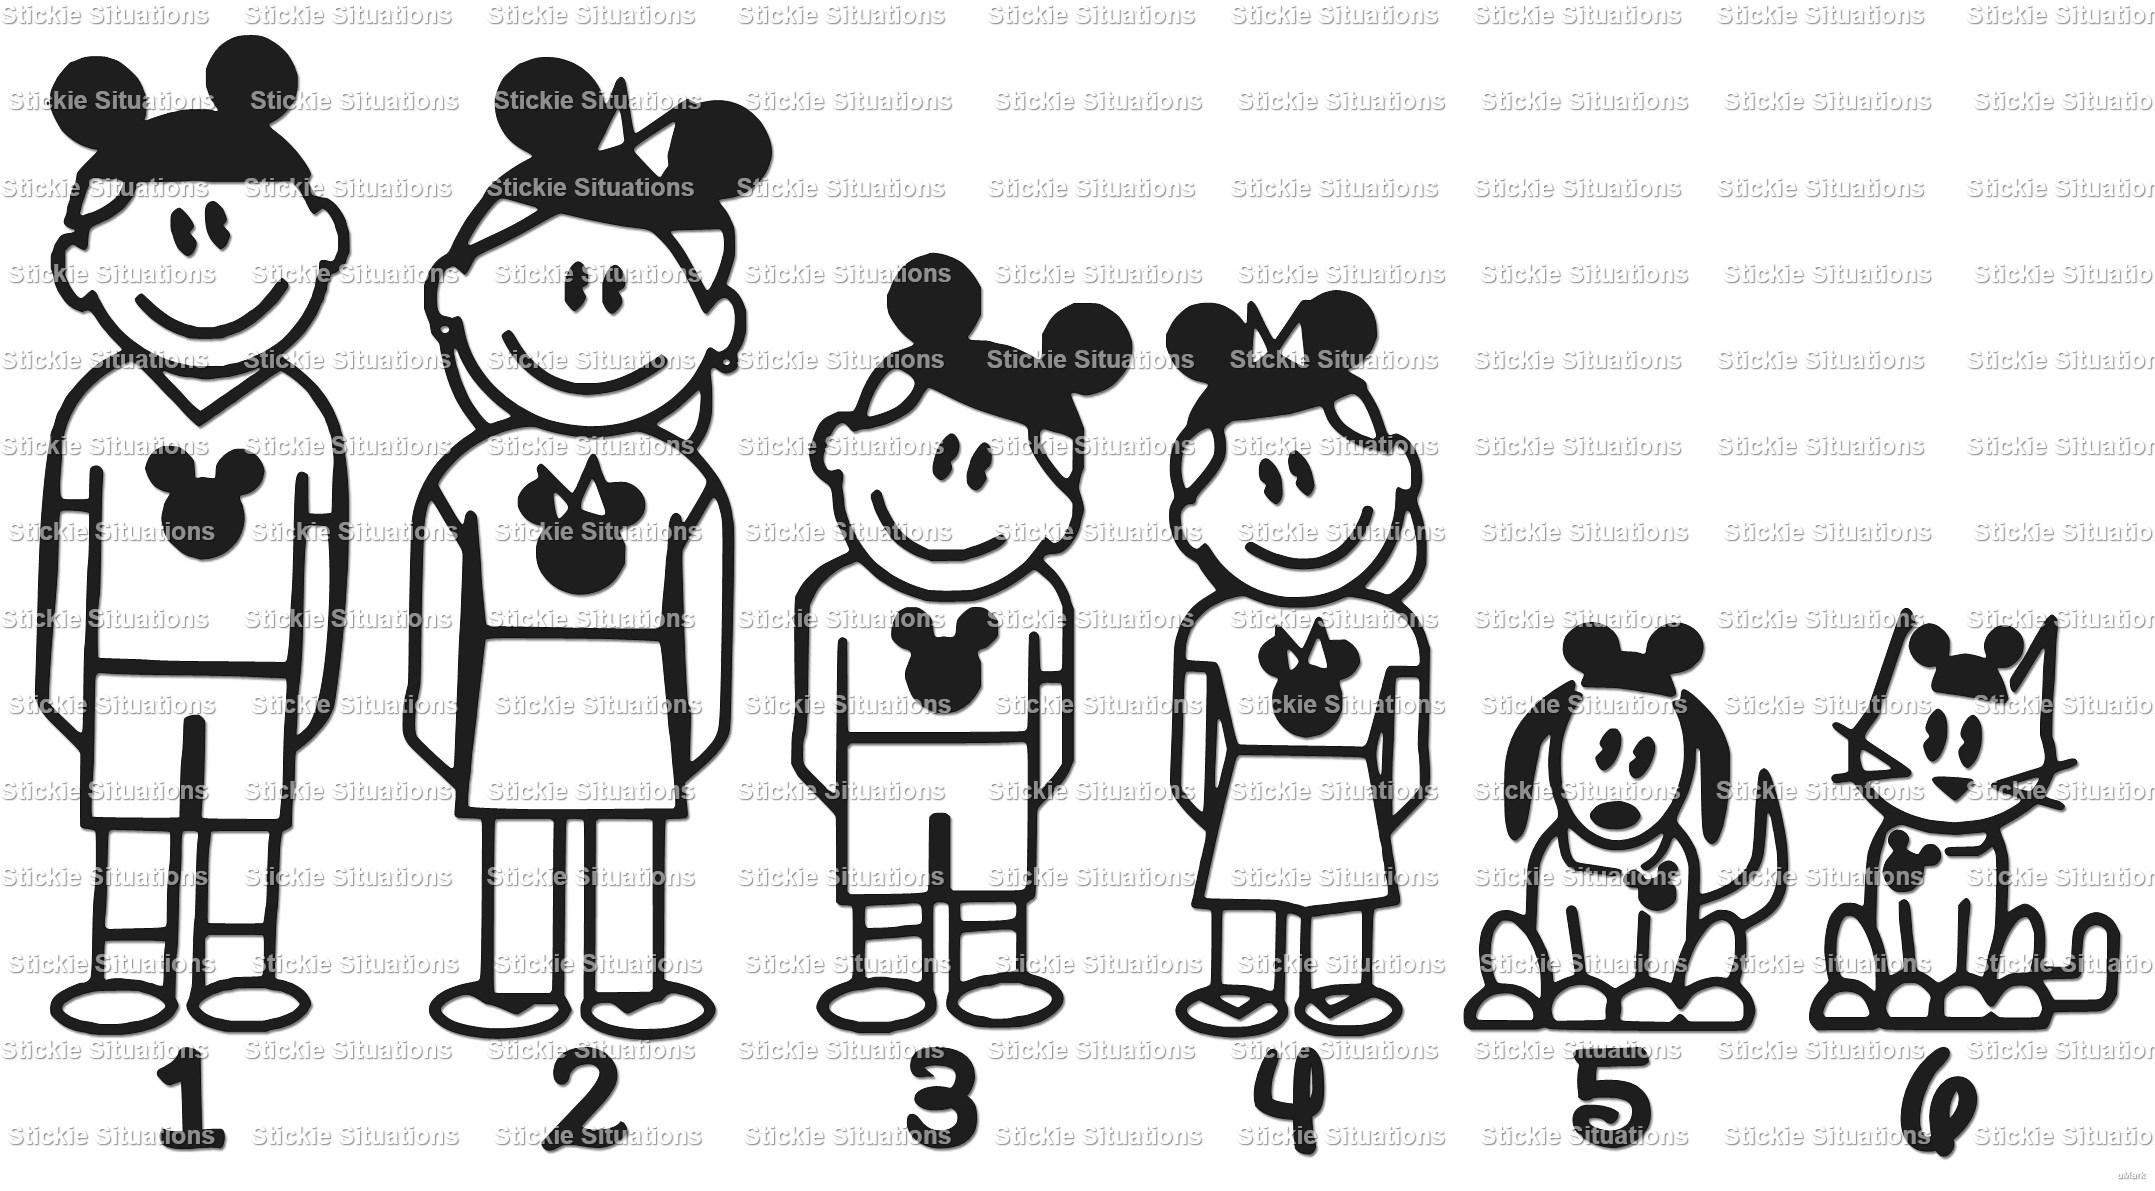 Disney Family Car Window Stickers Satu Sticker